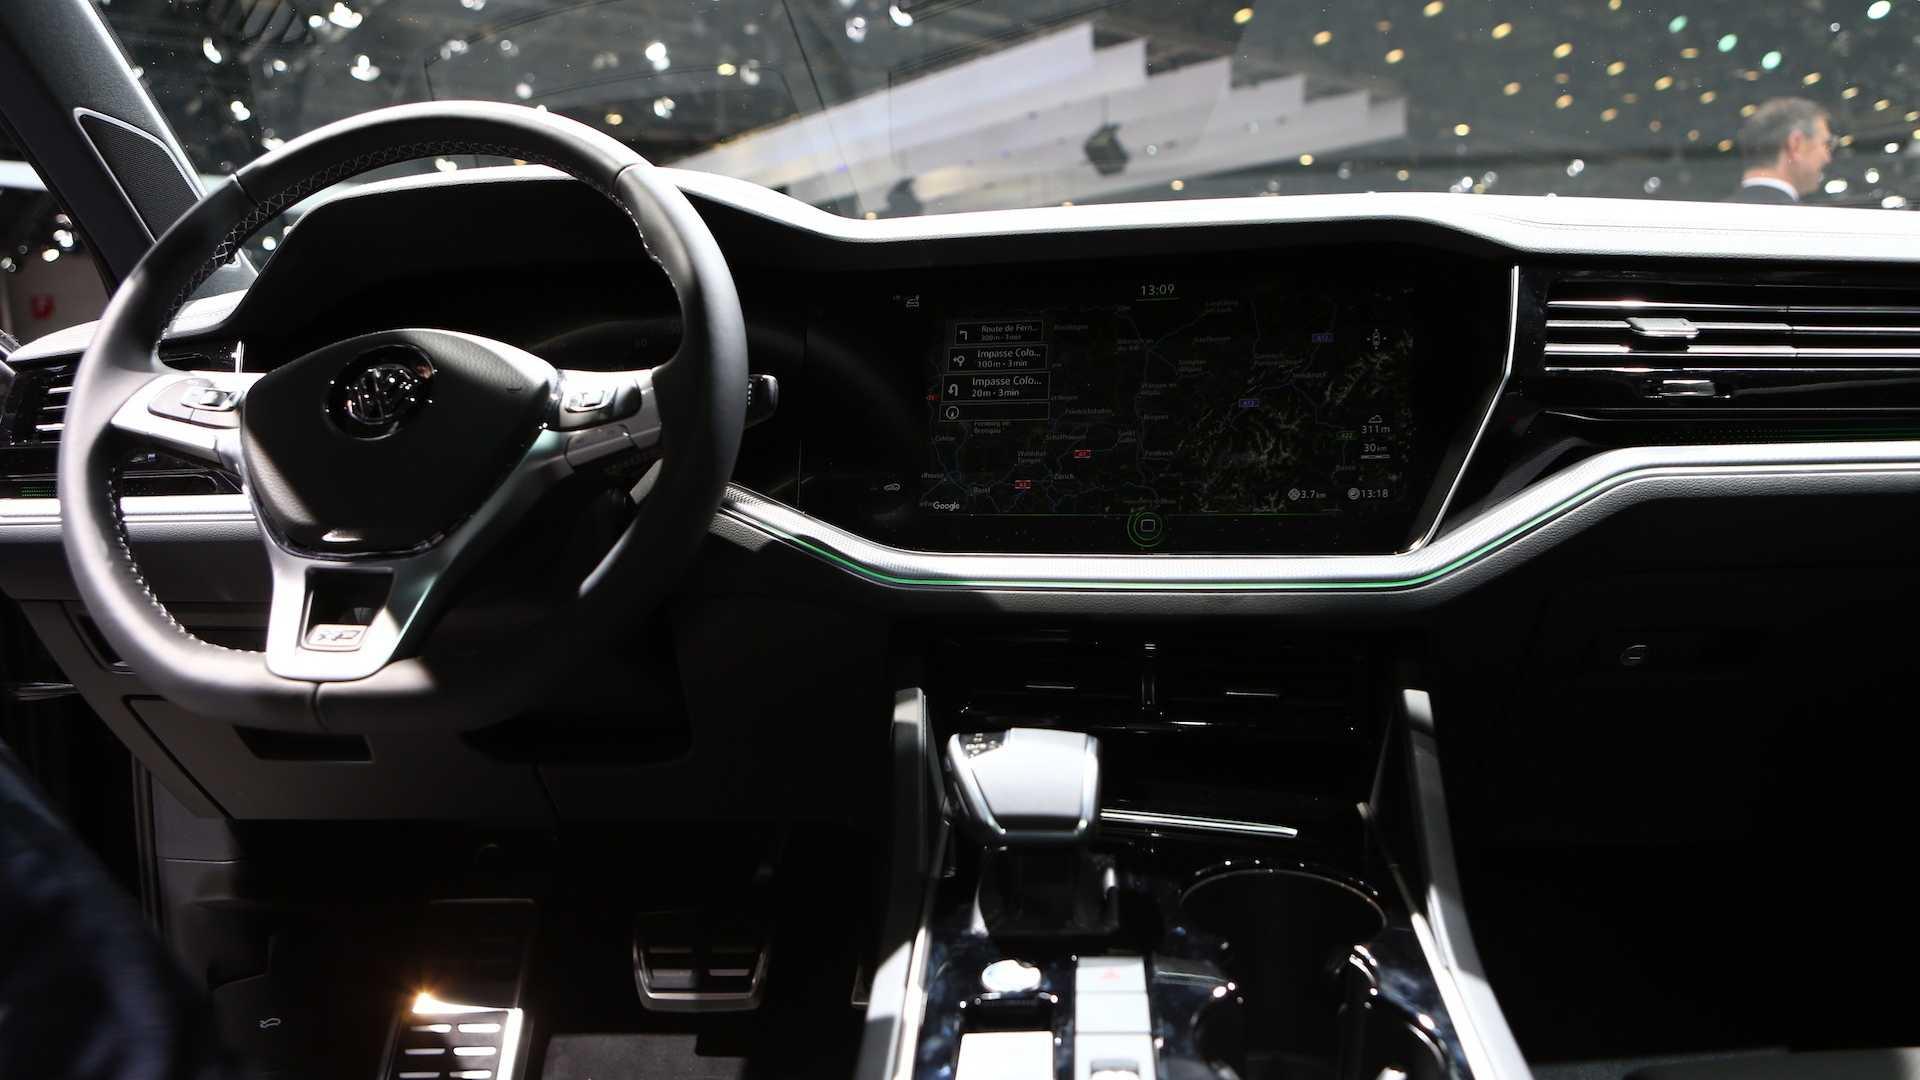 VolkswagenTouareg V8 TDI mới, máy dầu V8 có mô-men xoắn lên tới 900Nm - 05